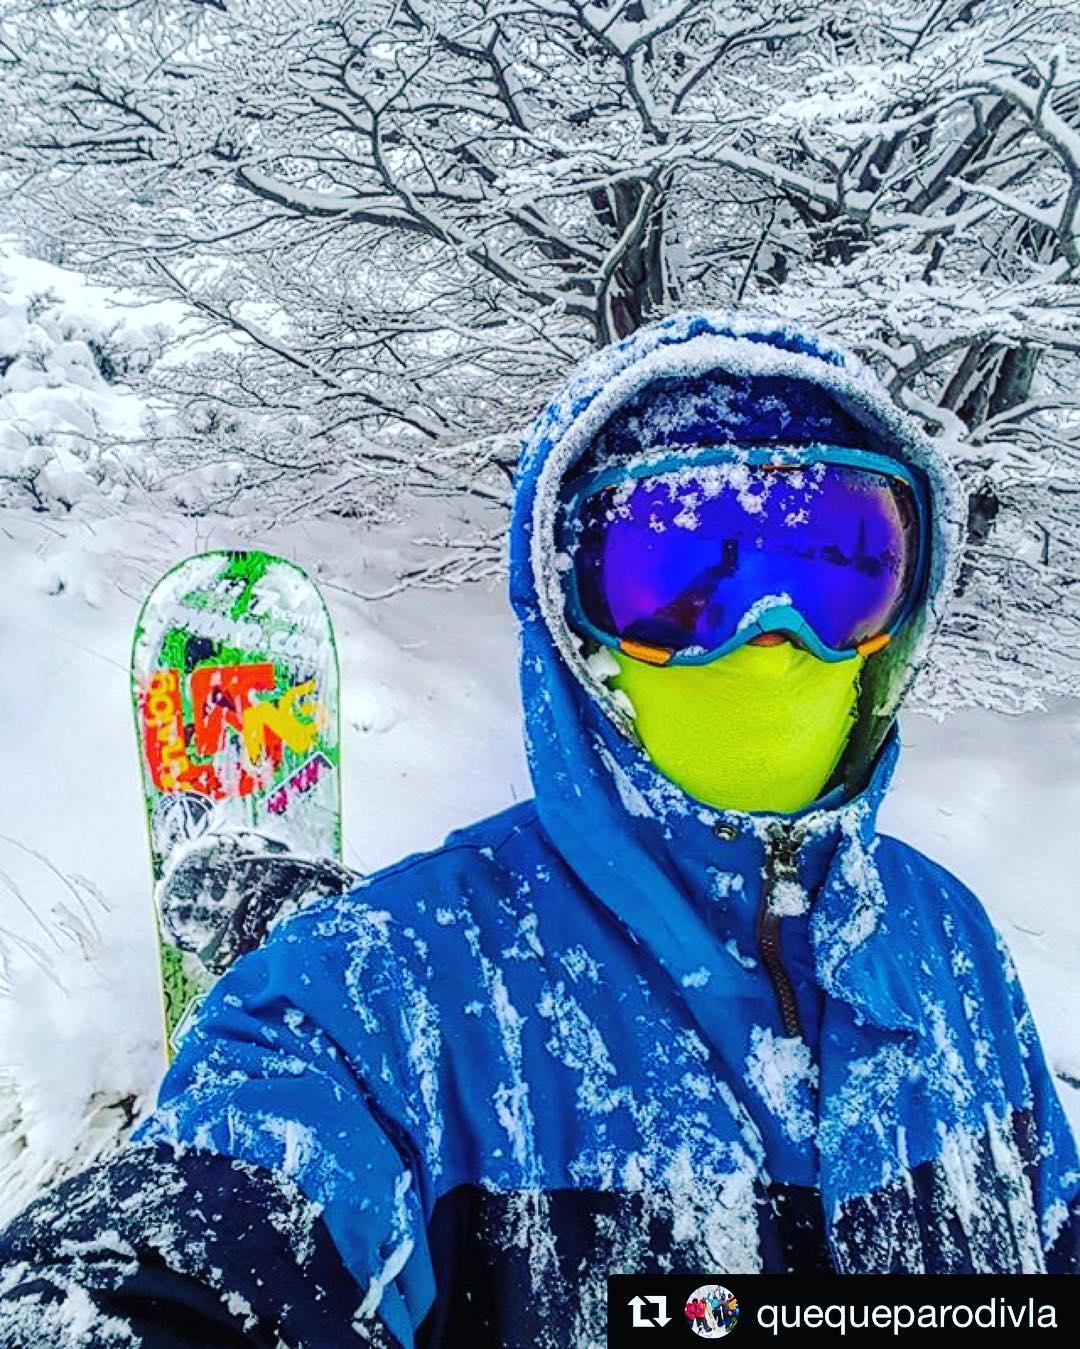 Gran fin de semana con mucha nieve en La Hoya! ❄️